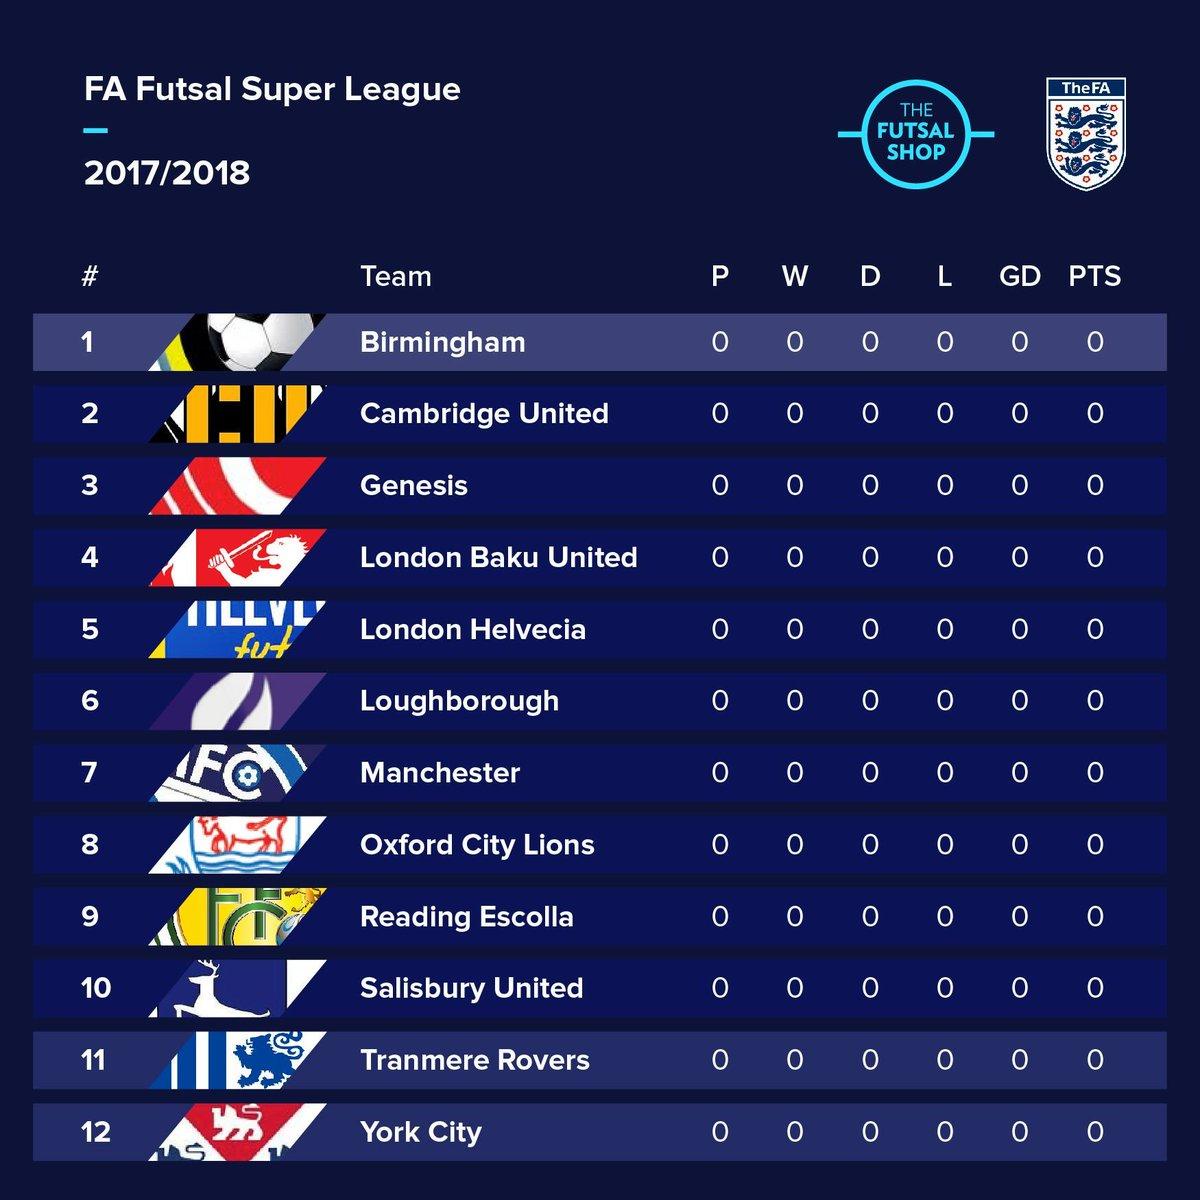 """The Futsal Shop on Twitter: """"The FA Futsal Super League 2017-2018 ..."""